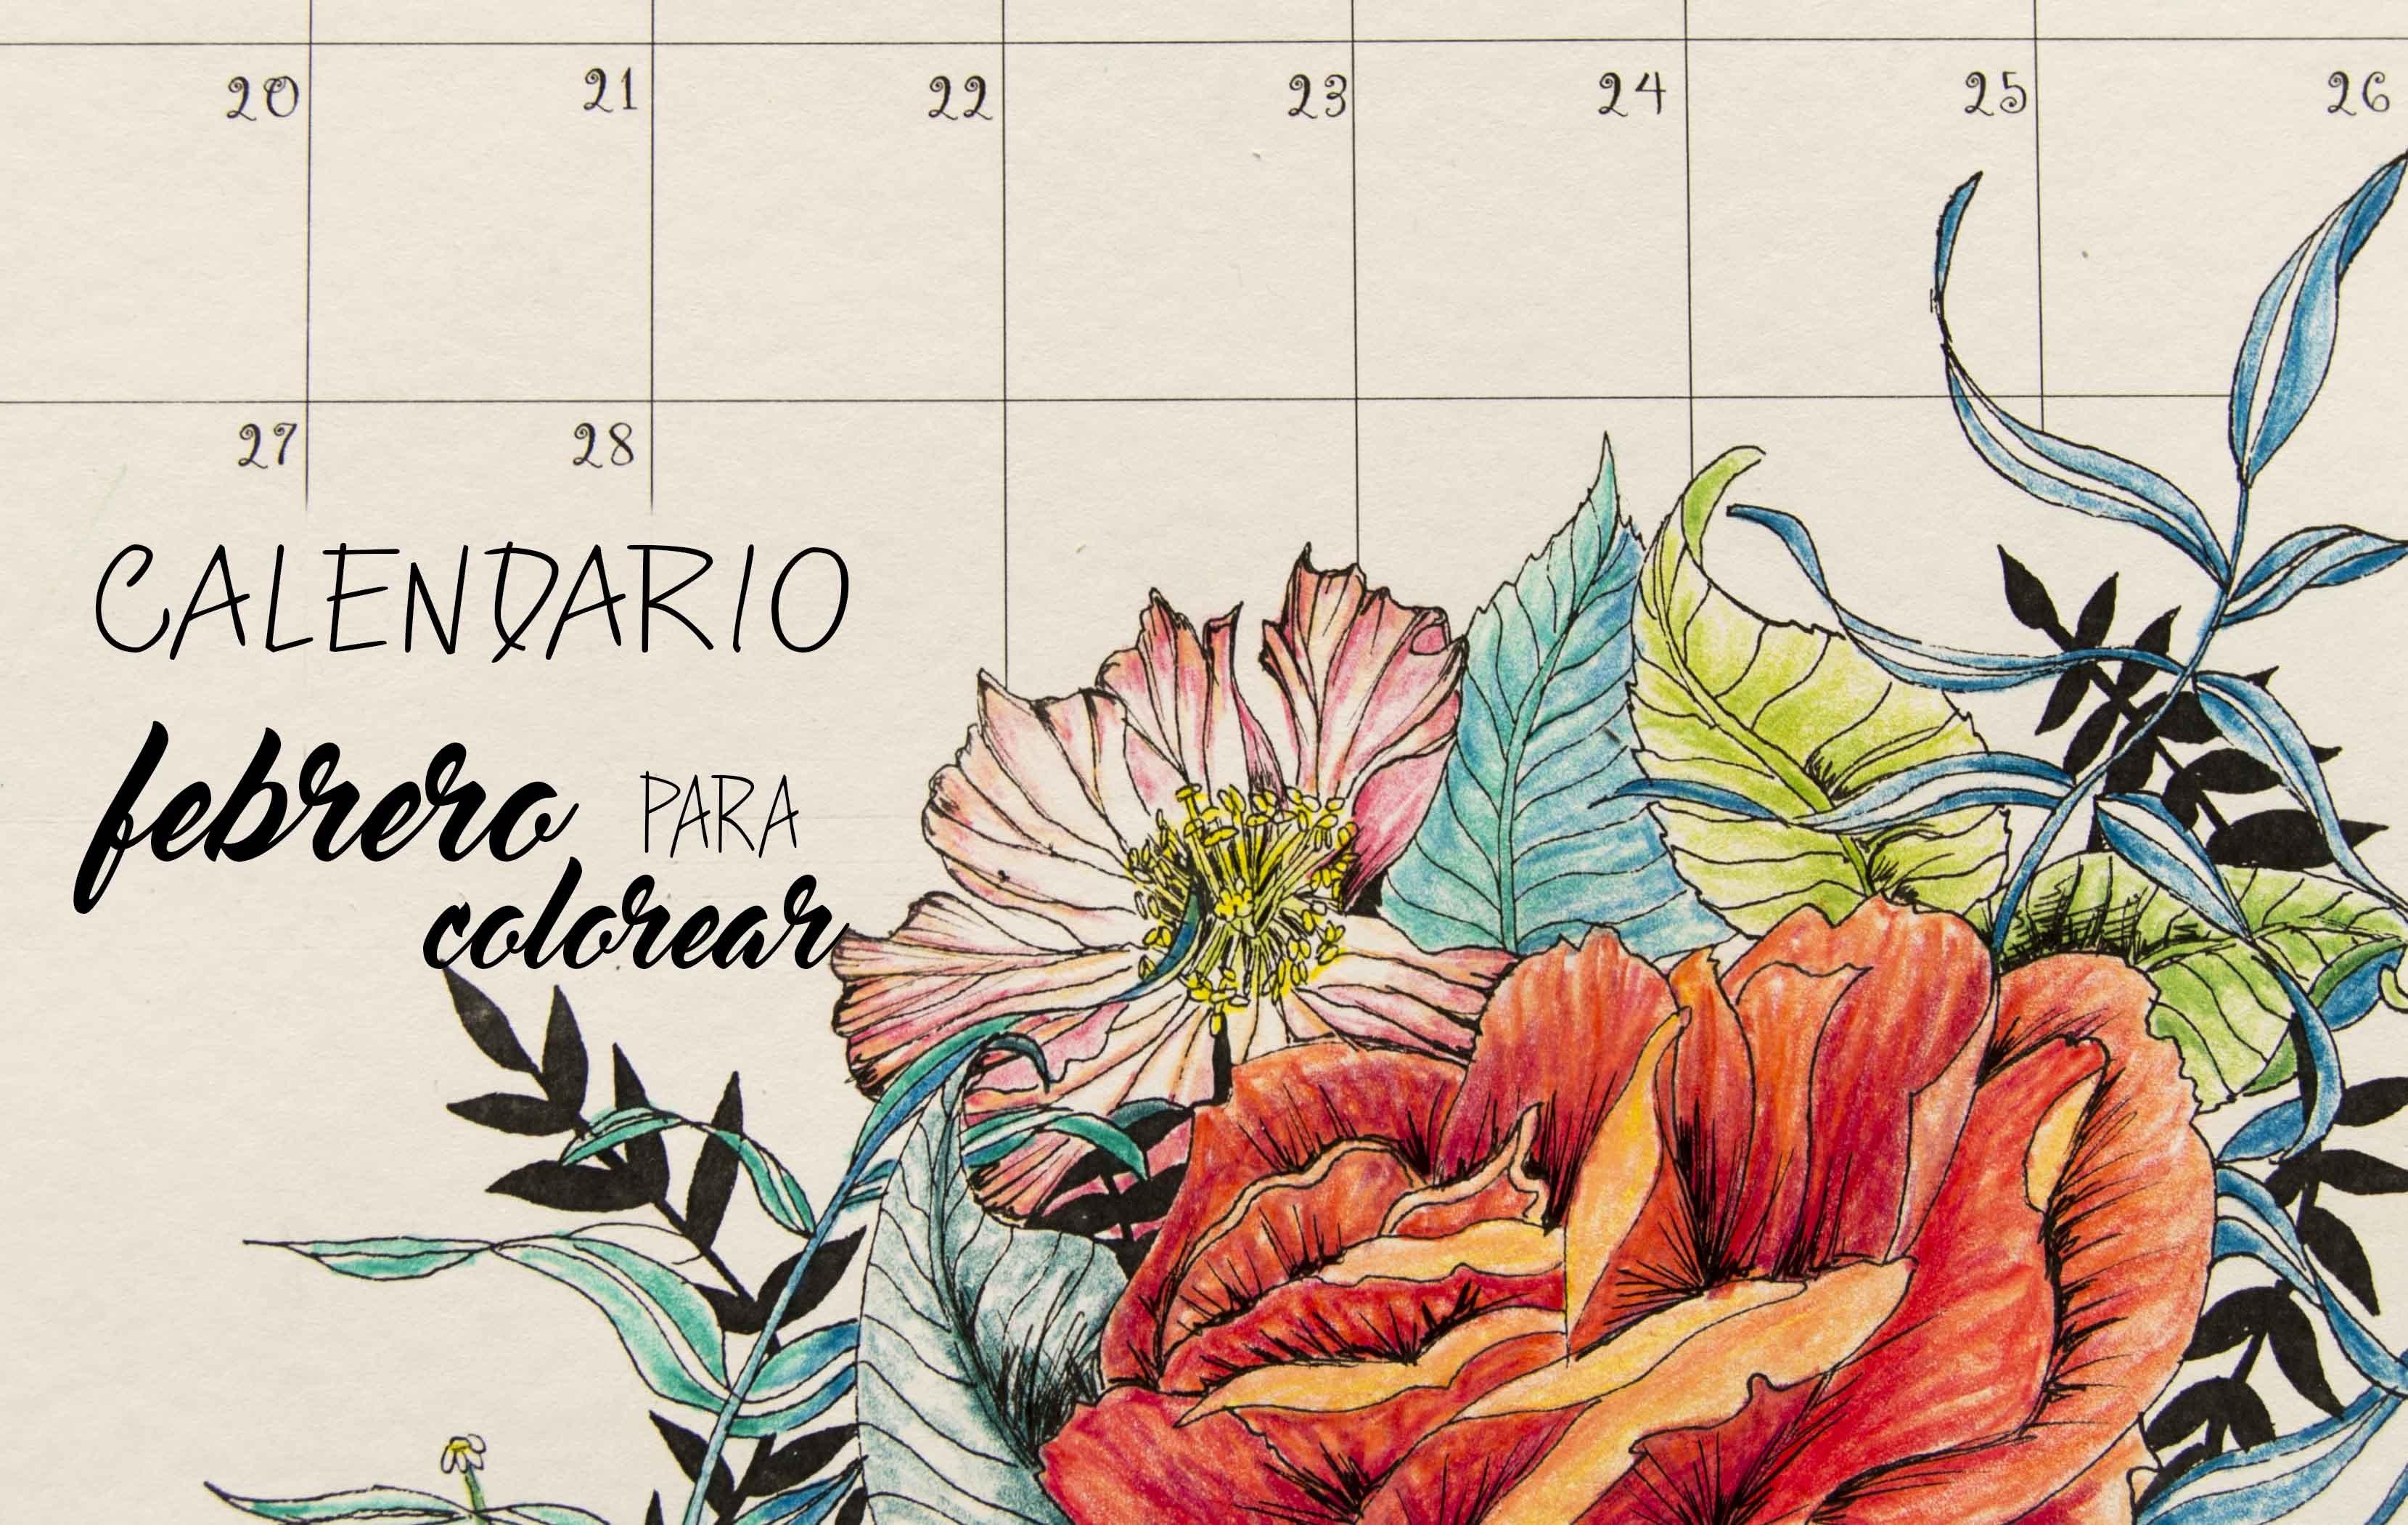 Calendario 2019 Para Imprimir Usa Yellow Más Caliente Imagenes De Enero Y Febrero Para Colorear Of Calendario 2019 Para Imprimir Usa Yellow Recientes Printable Calendar Generator Printable Calendar Generator Printable